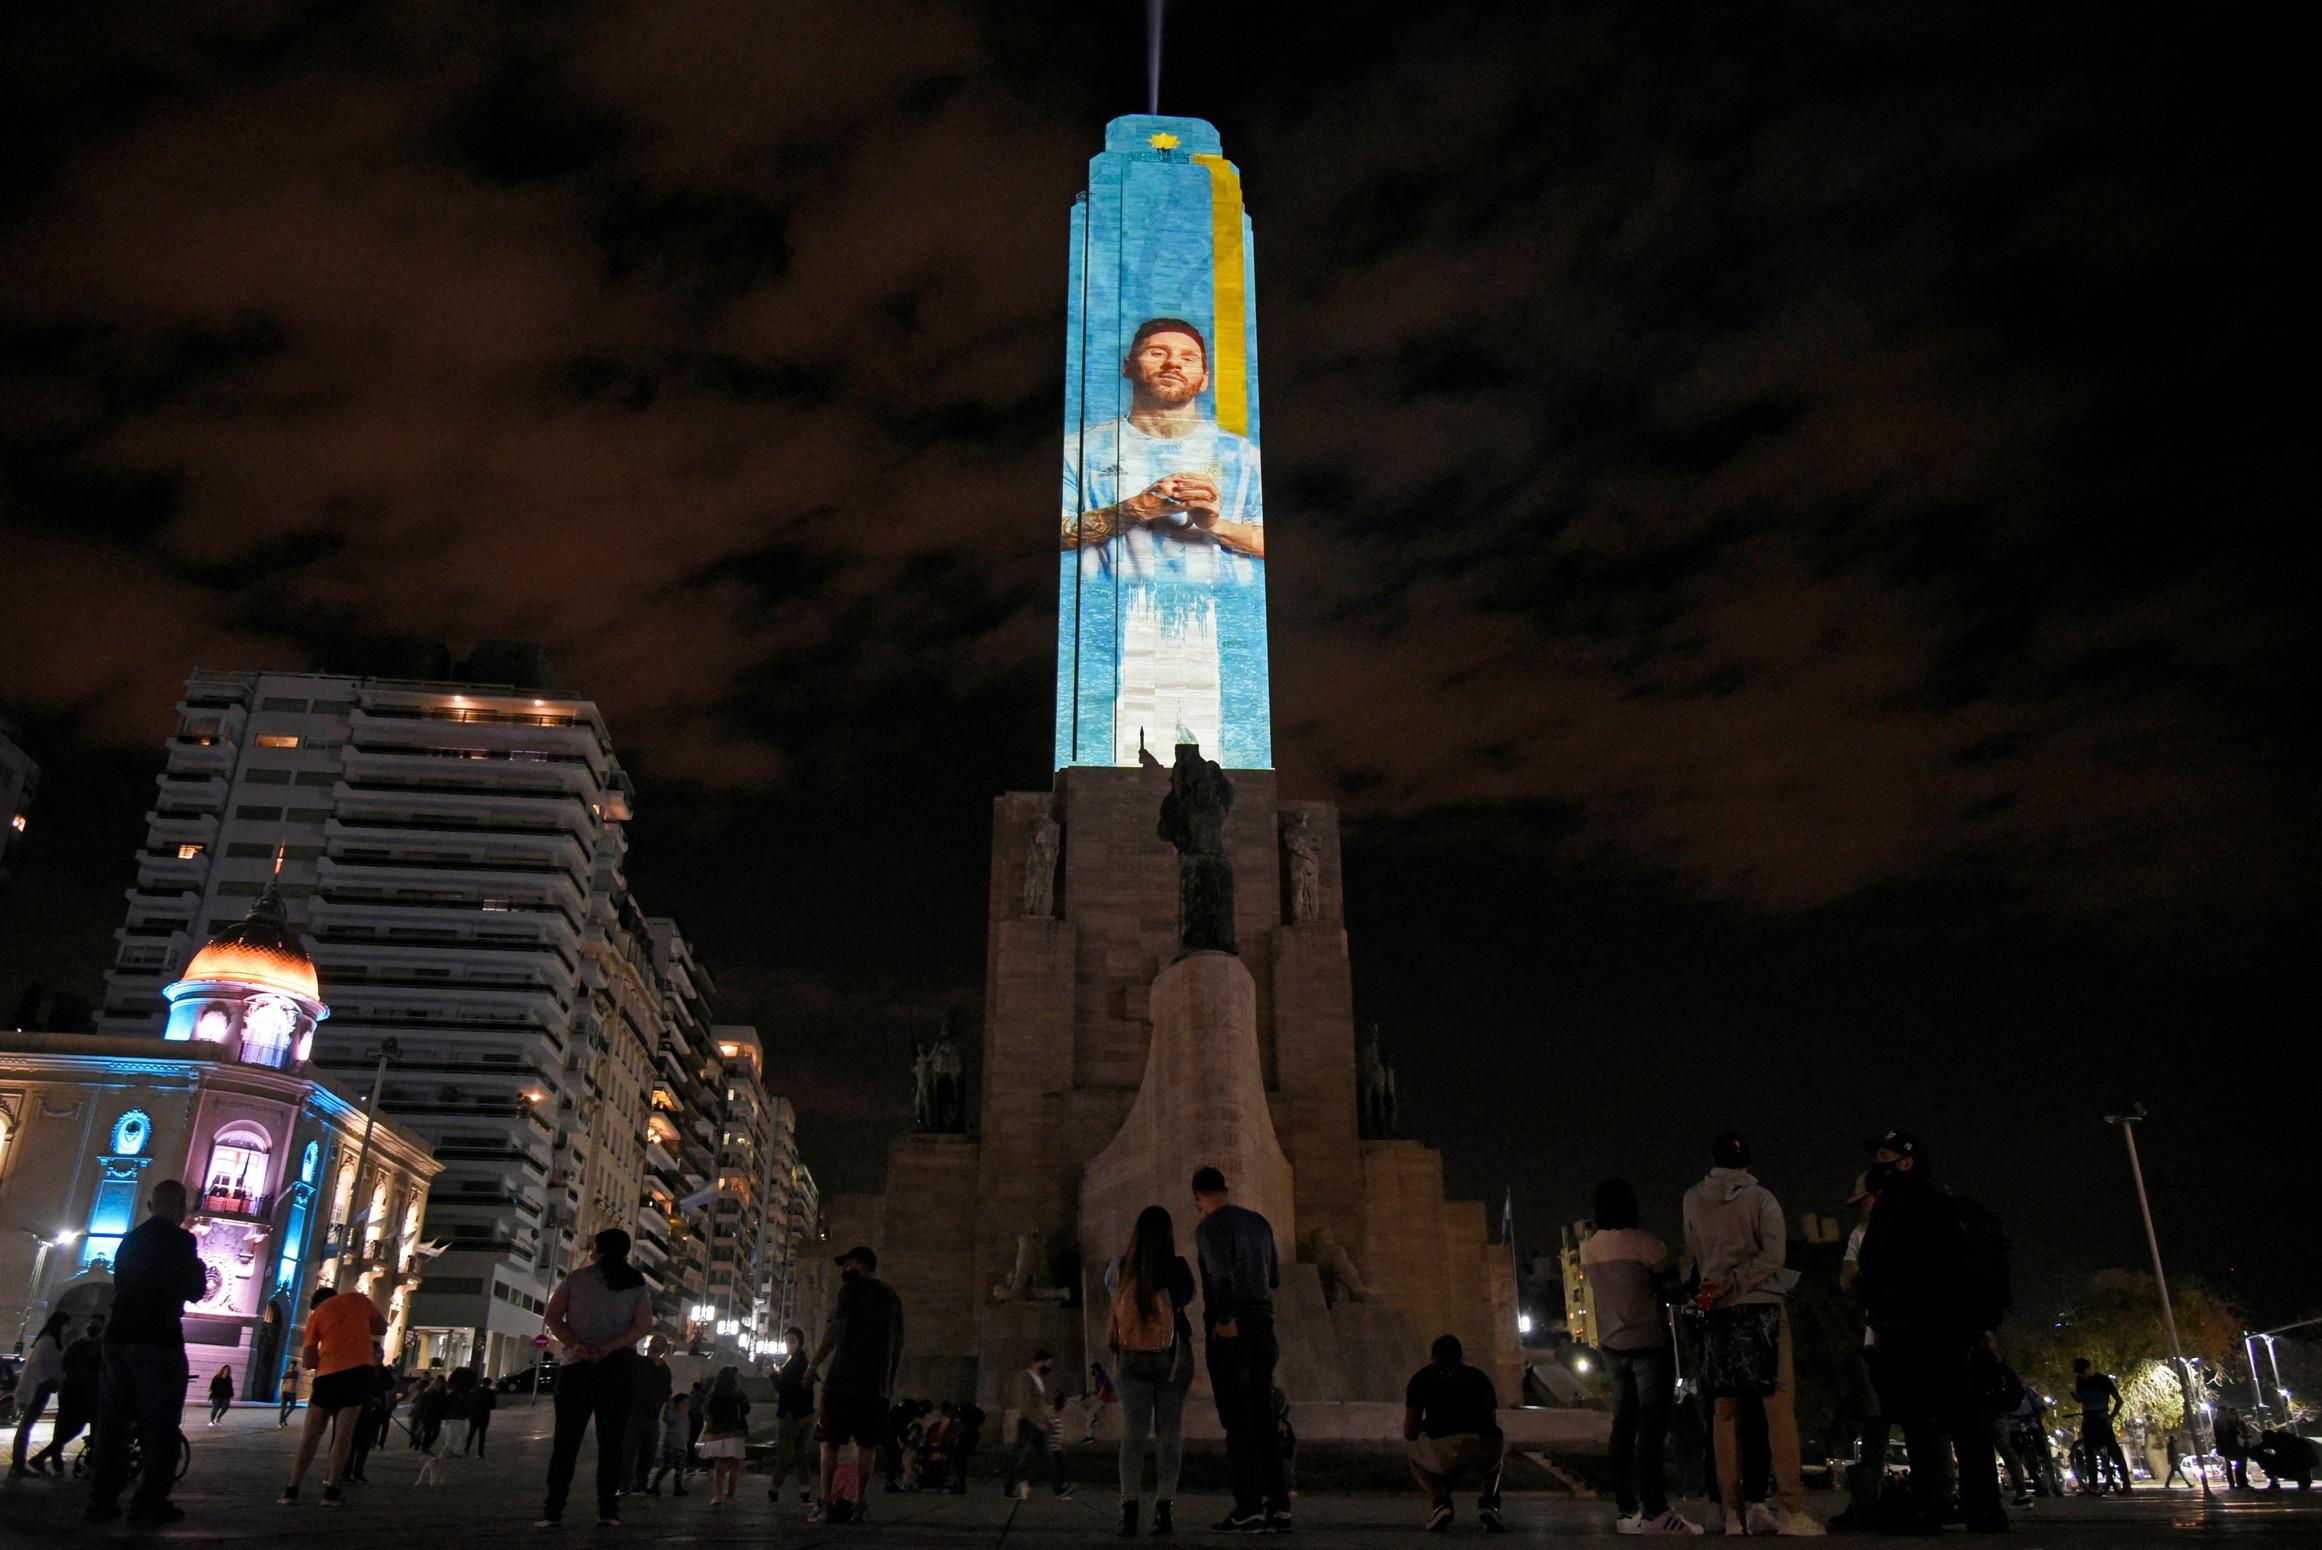 Rosario, la citt&agrave; natale di Lionel Messi, ha svelato un tributo alto 70 metri al capitano dell&#39;Argentina alla vigilia della finale di Copa America contro il Brasile. In un evento speciale per celebrare l&#39;ultimo atto, un&#39;immagine del numero 10 che indossa la maglia dell&#39;Argentina &egrave; stata proiettata sul Monumento storico nazionale alla Bandiera.<br /><br />